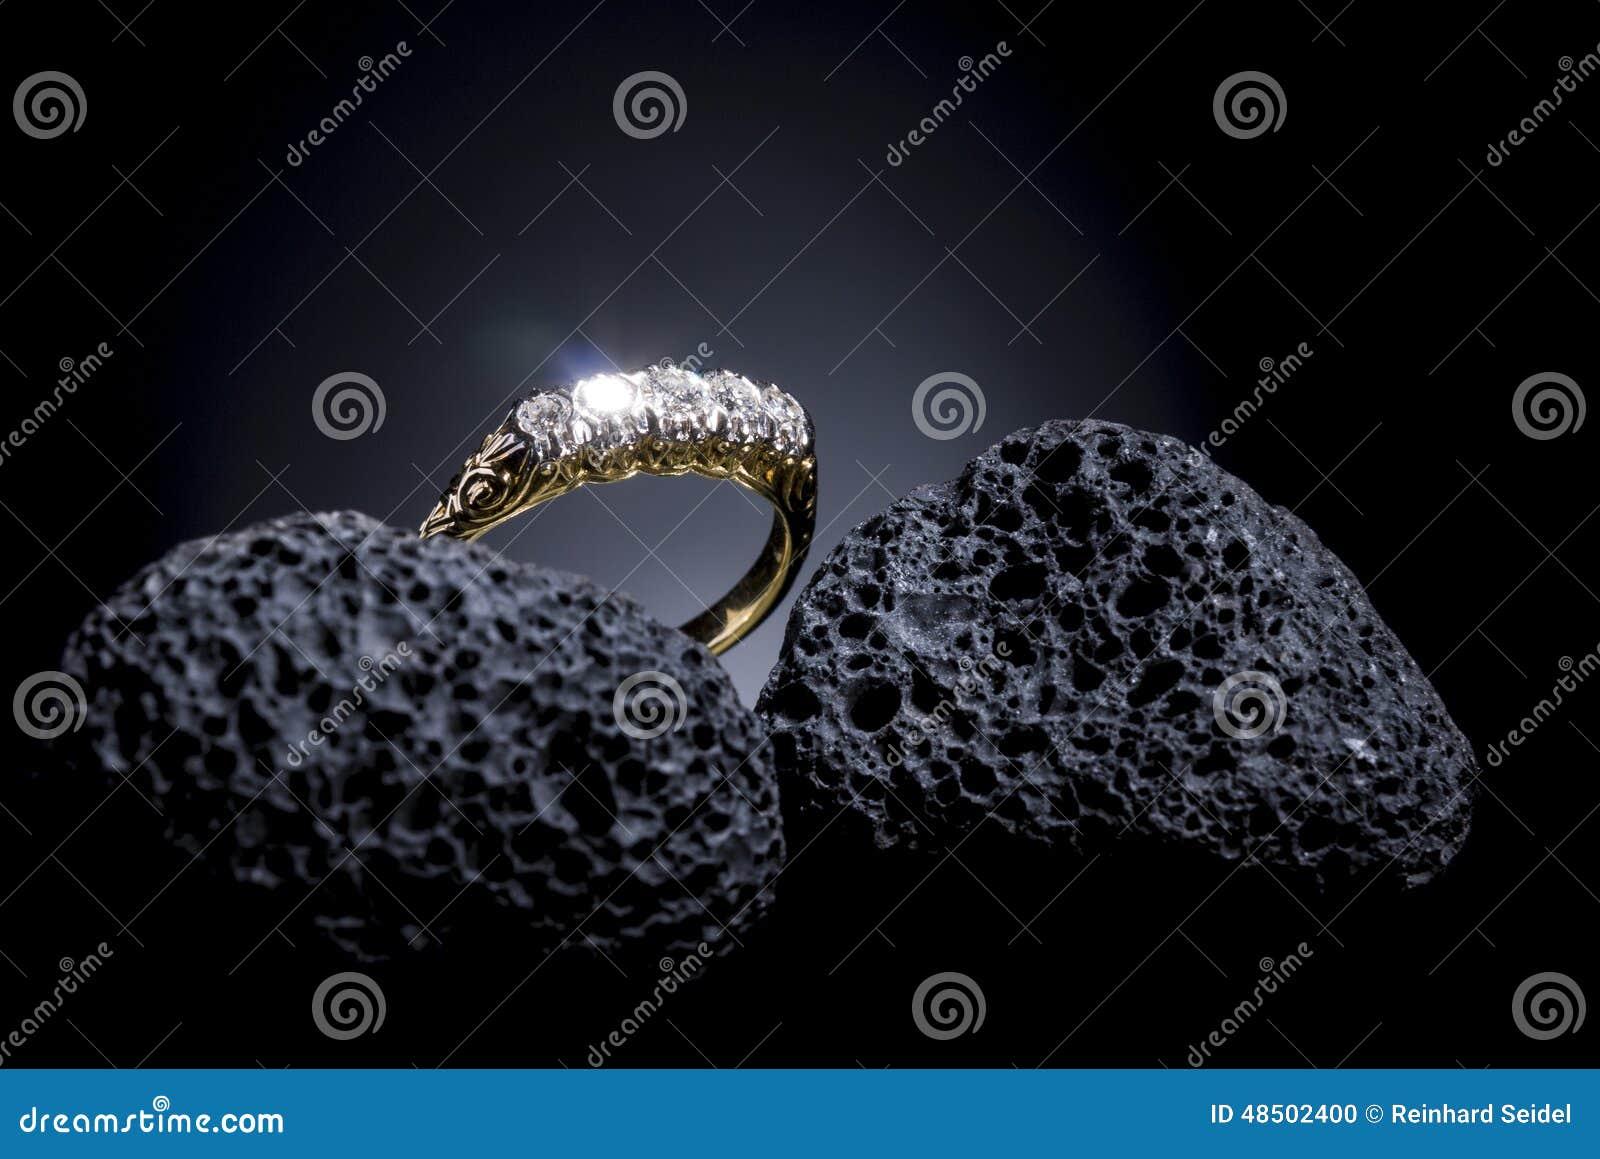 Jugendstil brilliant ring